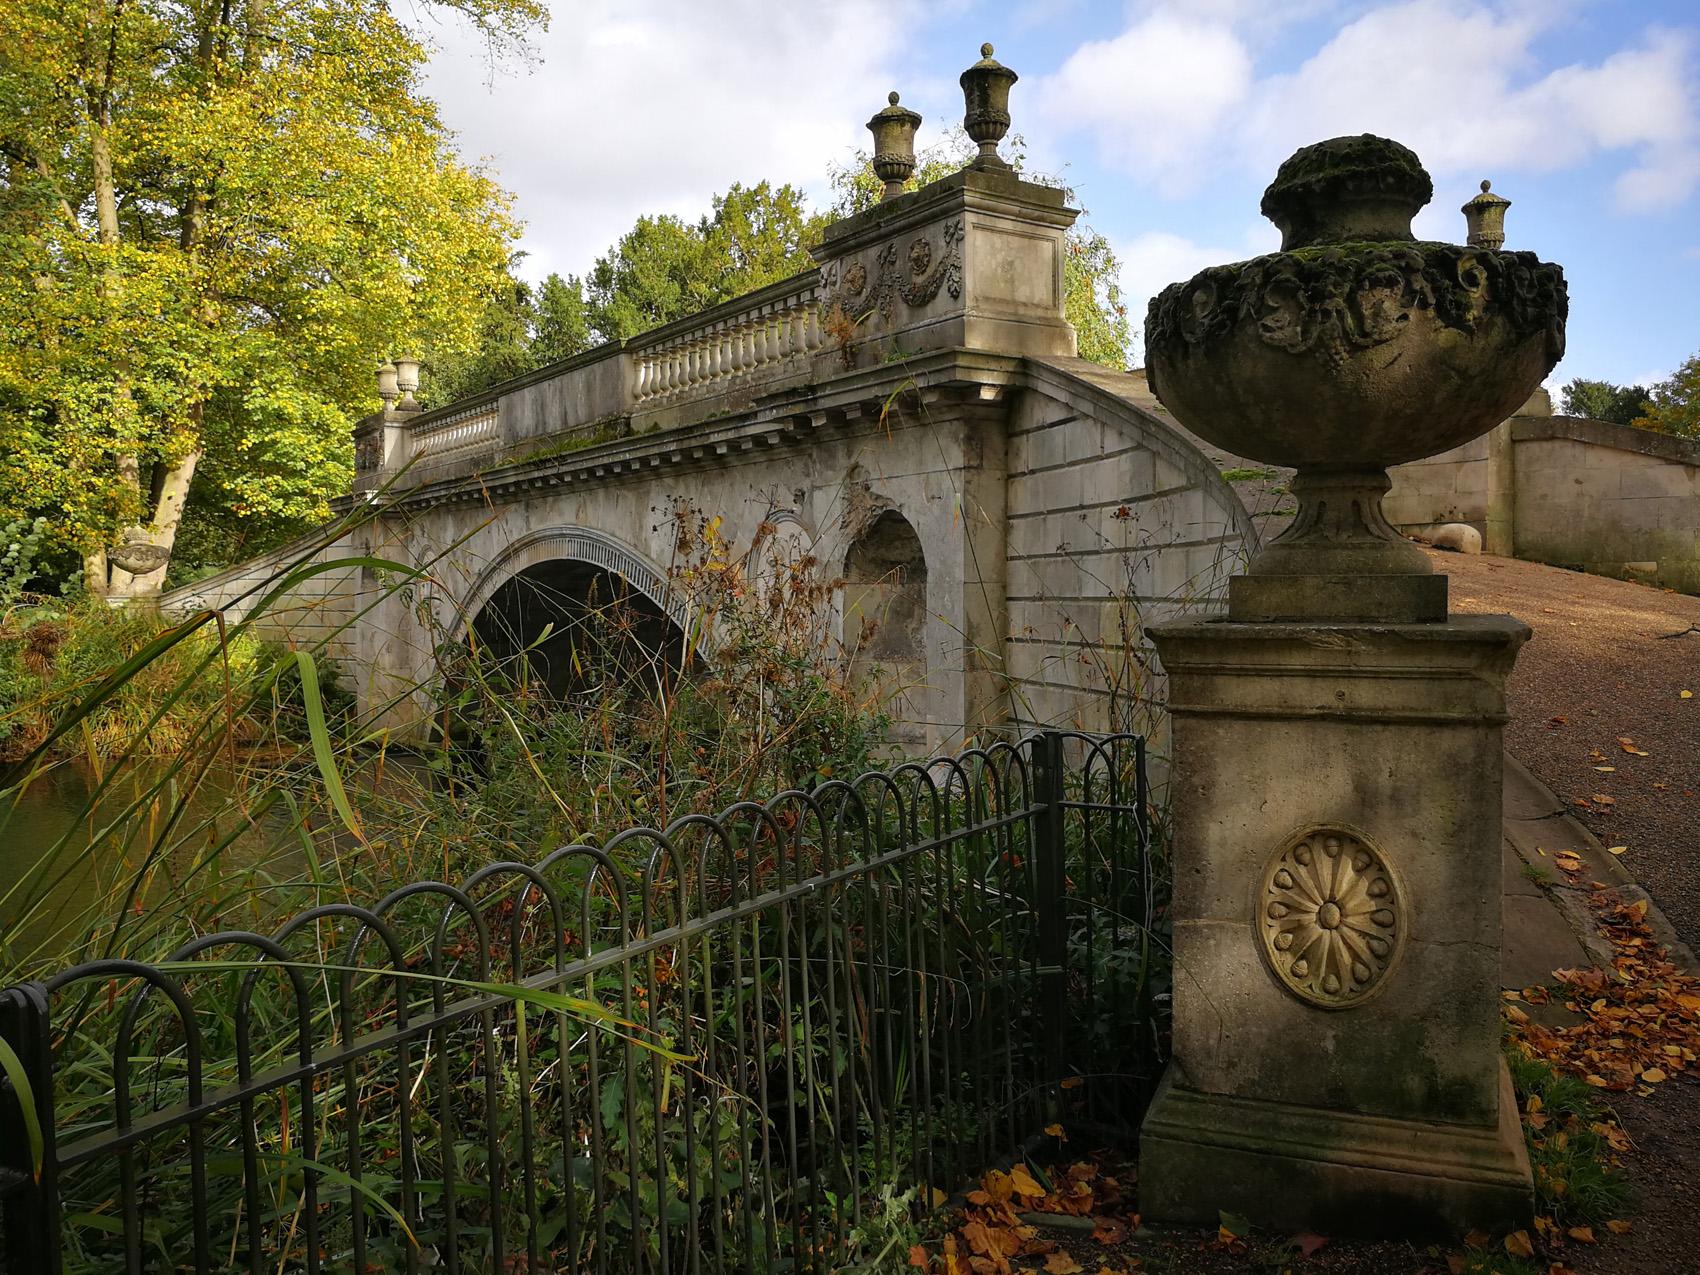 Chiswick House & Gardens, Classic Bridge